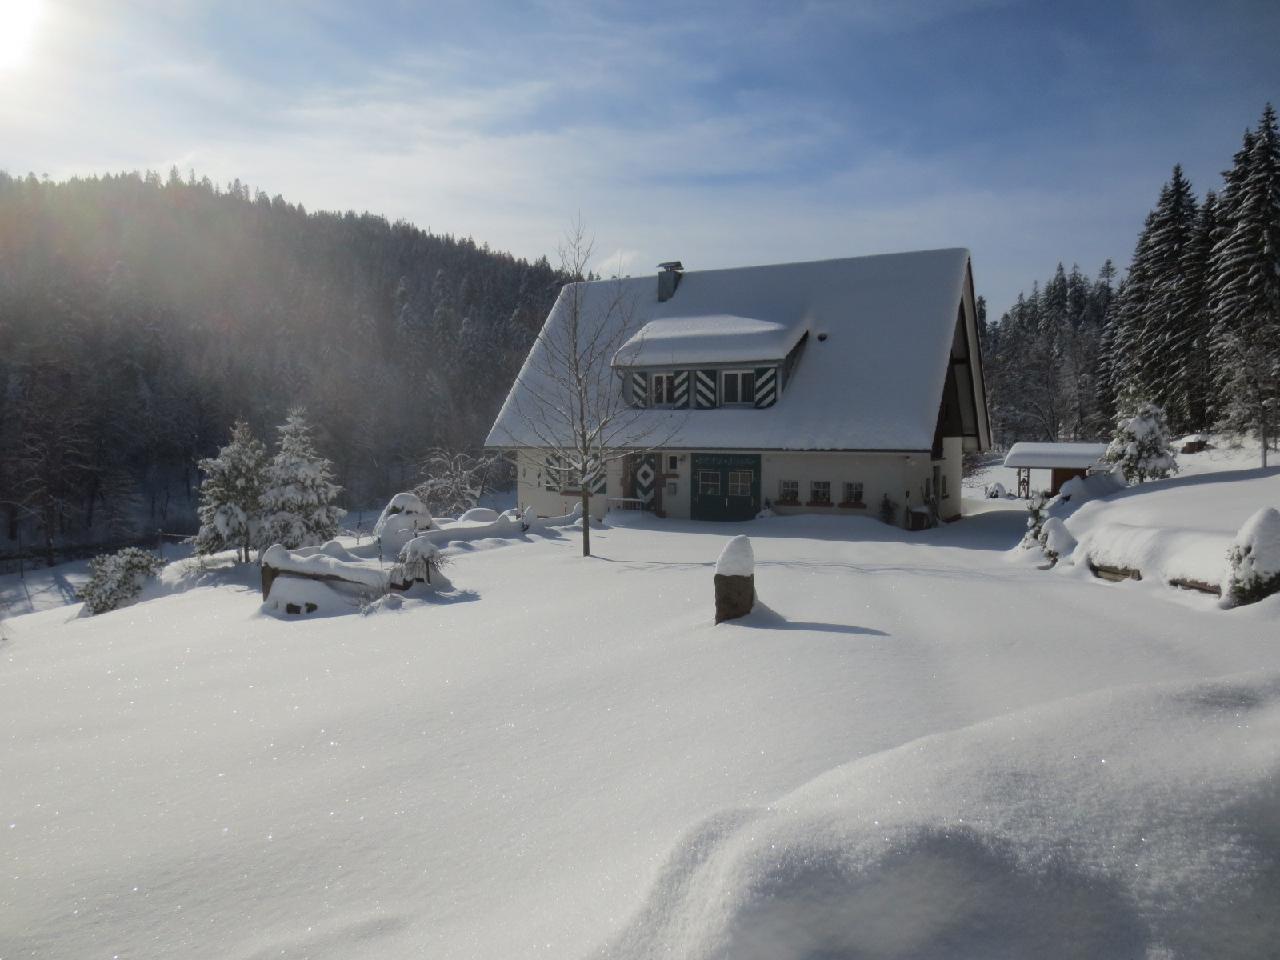 Ferienhaus Tauchert (979550), Baiersbronn, Schwarzwald, Baden-Württemberg, Deutschland, Bild 39